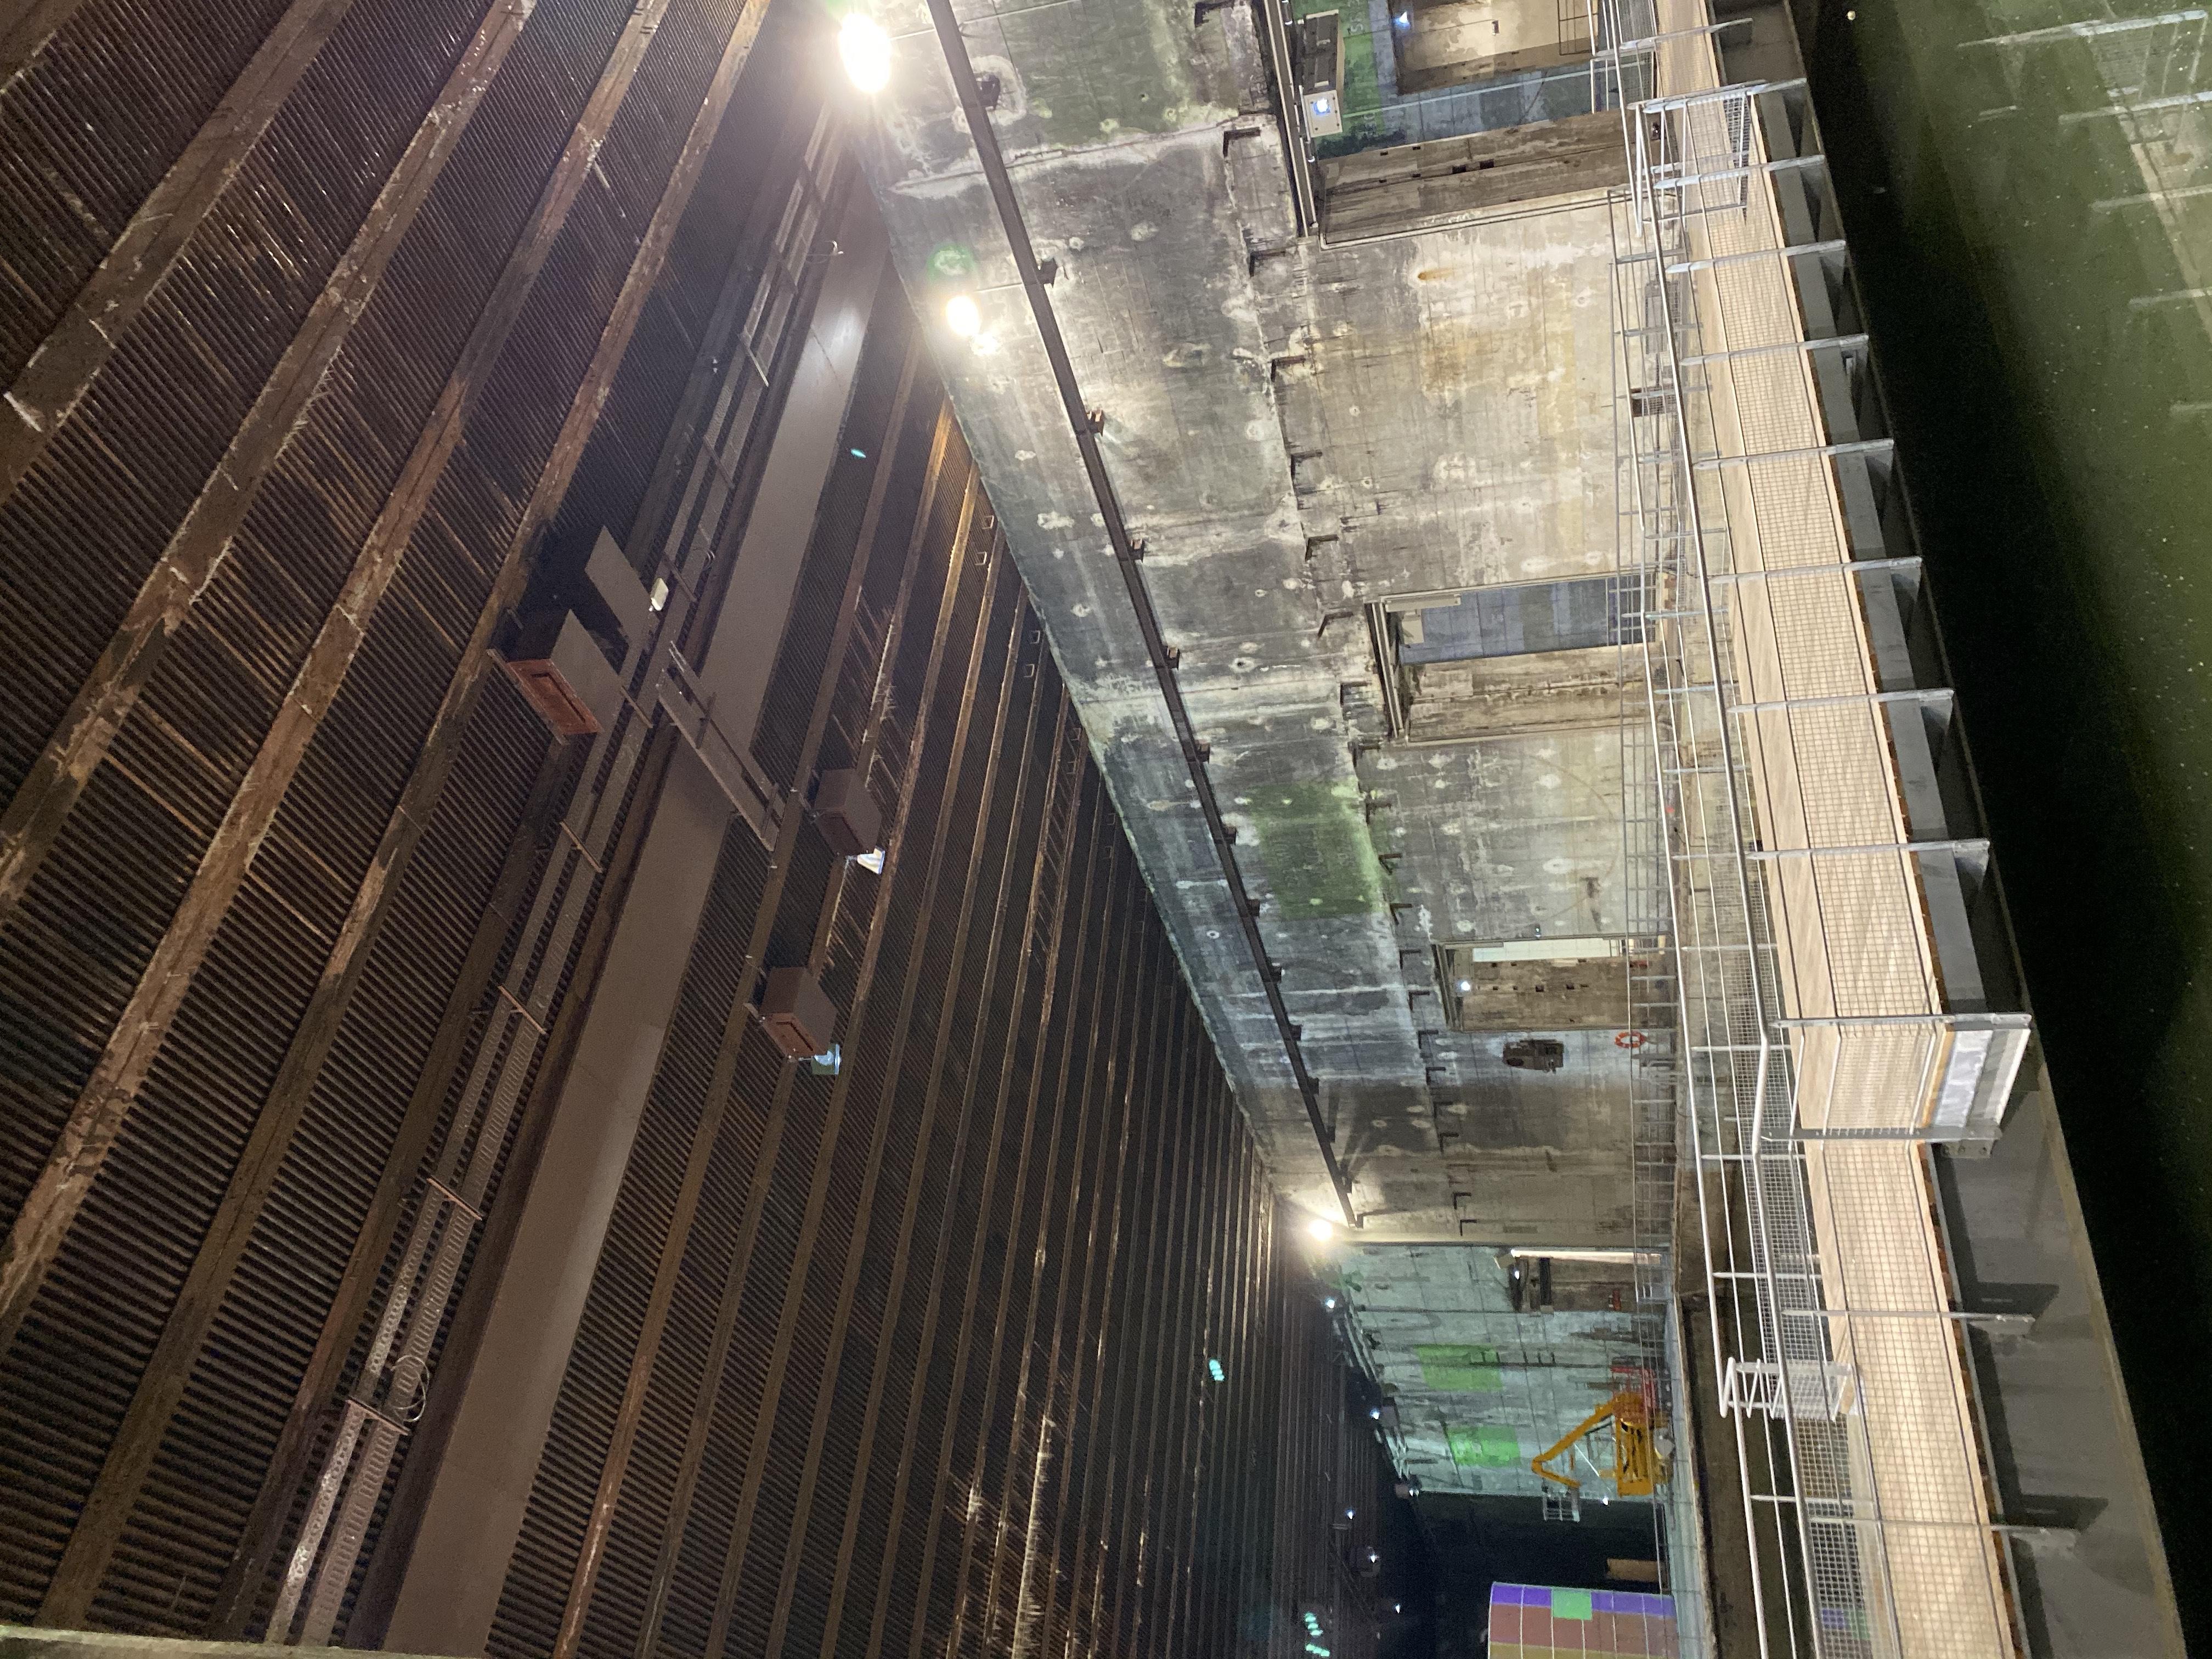 bassins de lumieres enclosures ceiling